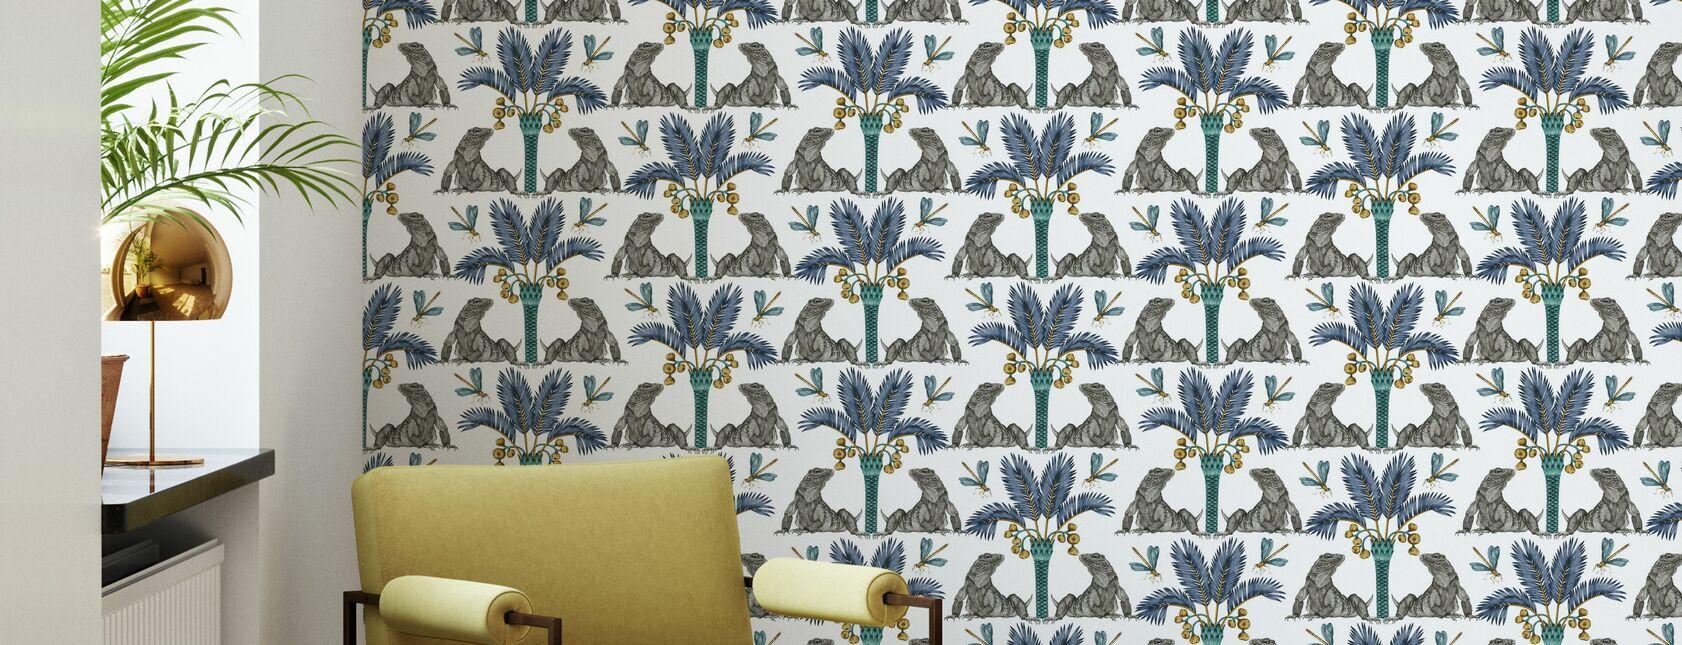 The Iguana Dream - Turmeric and Indigo - Wallpaper - Living Room